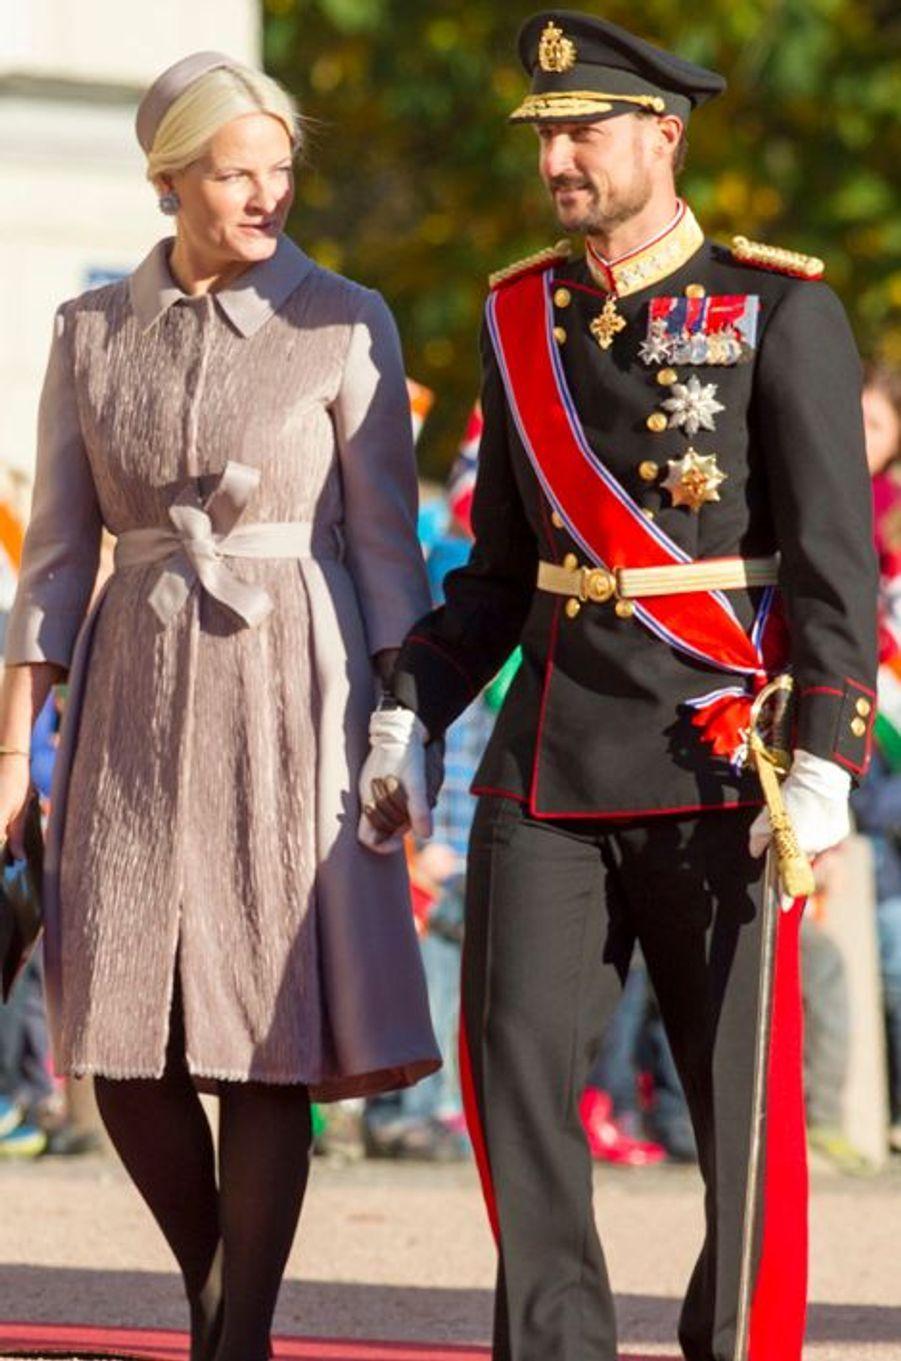 Le prince Haakon et Mette-Marit lors de la visite officielle du président indien Pranab Mukherjee et de sa fille à Oslo, le 13 octobre 2014